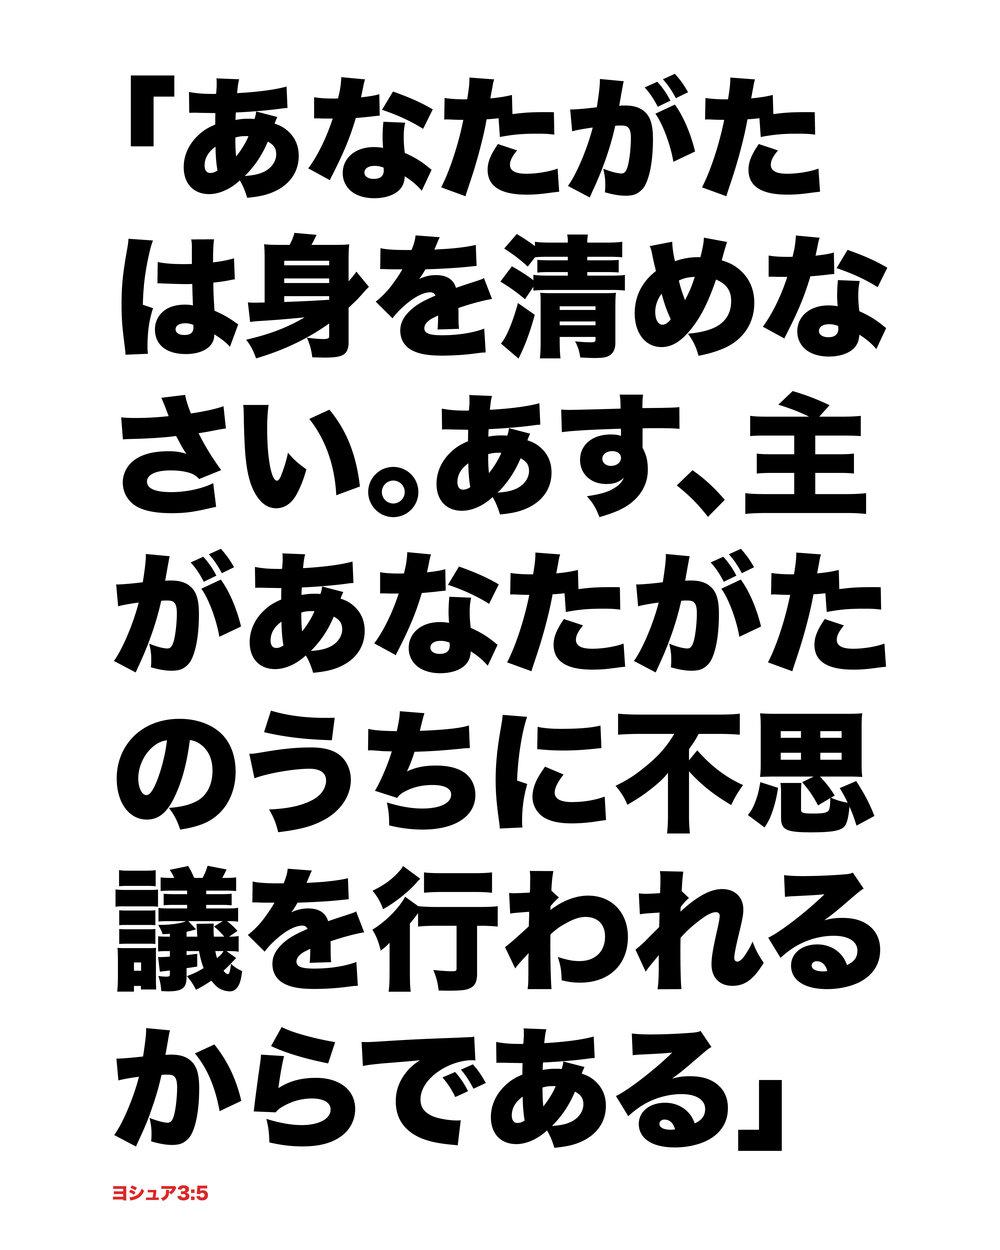 Japanese poster Joshua 3-5-01.jpg